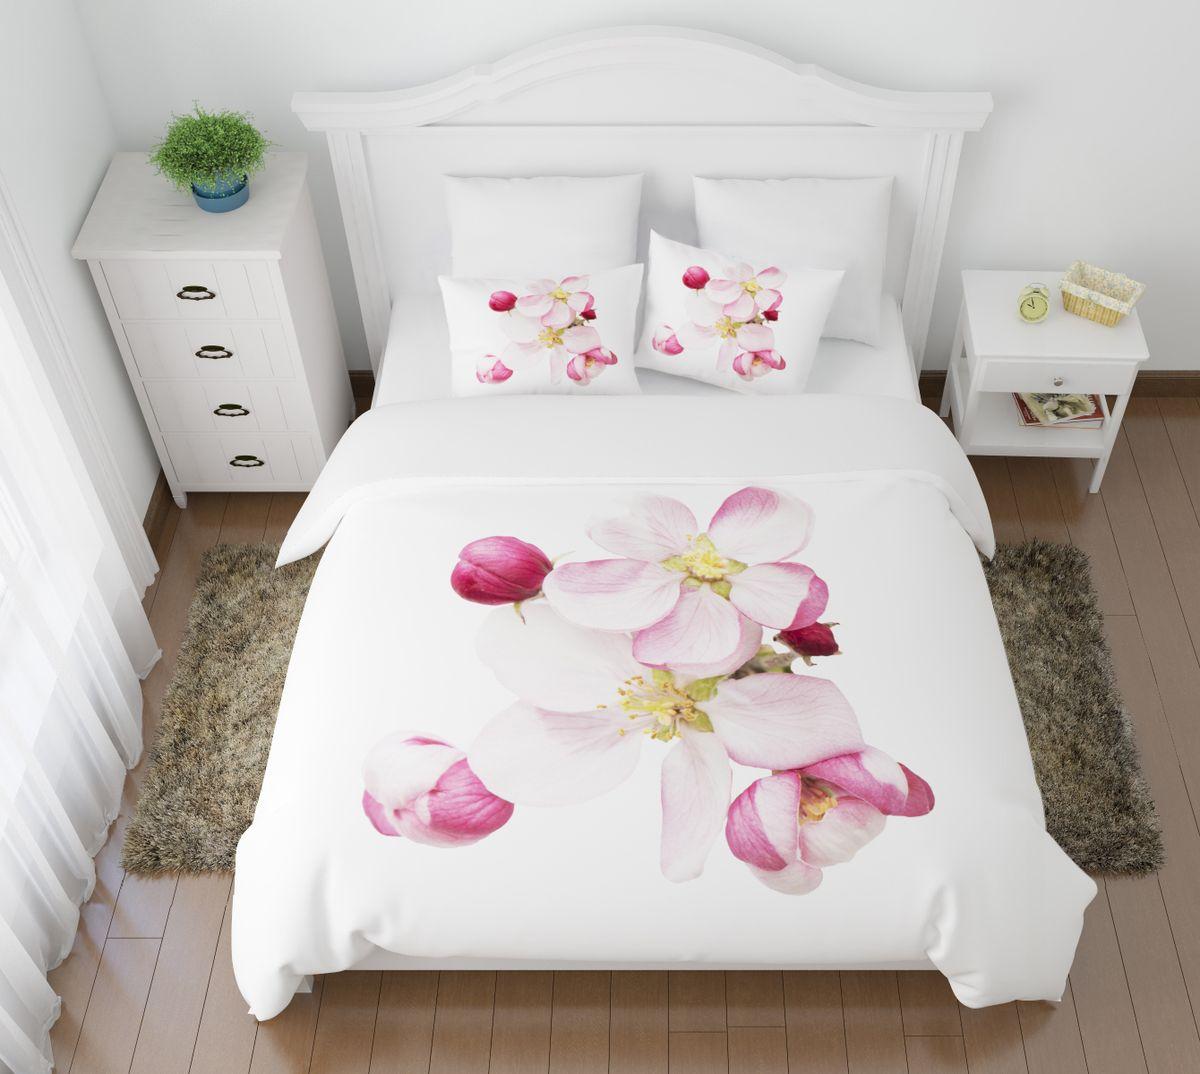 Комплект белья Сирень Распустившиеся цветы, 1,5-спальный, наволочки 50x7008429-КПБ-МКомплект постельного белья Сирень выполнен из прочной и мягкой ткани. Четкий и стильный рисунок в сочетании с насыщенными красками делают комплект постельного белья неповторимой изюминкой любого интерьера. Постельное белье идеально подойдет для подарка. Идеальное соотношение смешенной ткани и гипоаллергенных красок это гарантия здорового, спокойного сна. Ткань хорошо впитывает влагу, надолго сохраняет яркость красок. Цвет простыни, пододеяльника, наволочки в комплектации может немного отличаться от представленного на фото. В комплект входят: простынь - 150х220см; пододельяник 145х210 см; наволочка - 50х70х2шт. Постельное белье легко стирать при 30-40 градусах, гладить при 150 градусах, не отбеливать.Рекомендуется перед первым изпользованием постирать.